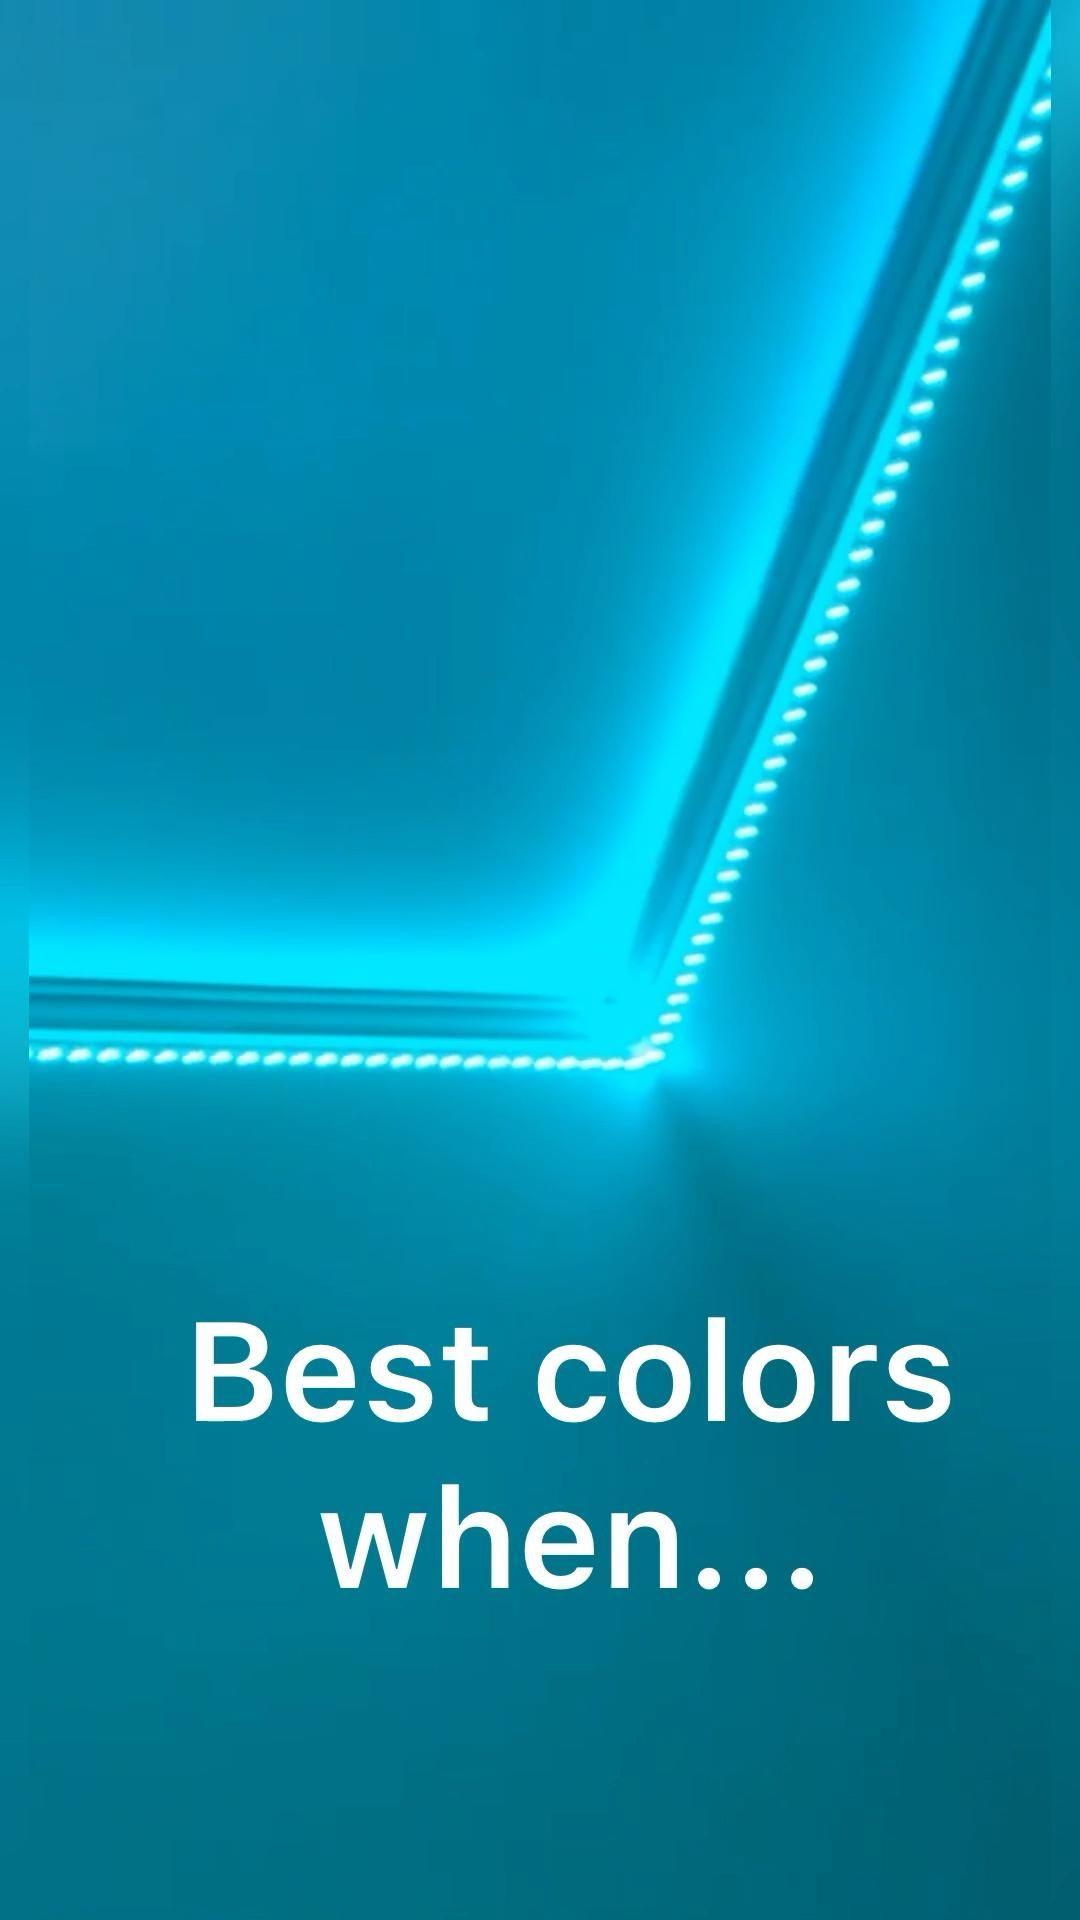 Best colors when .....